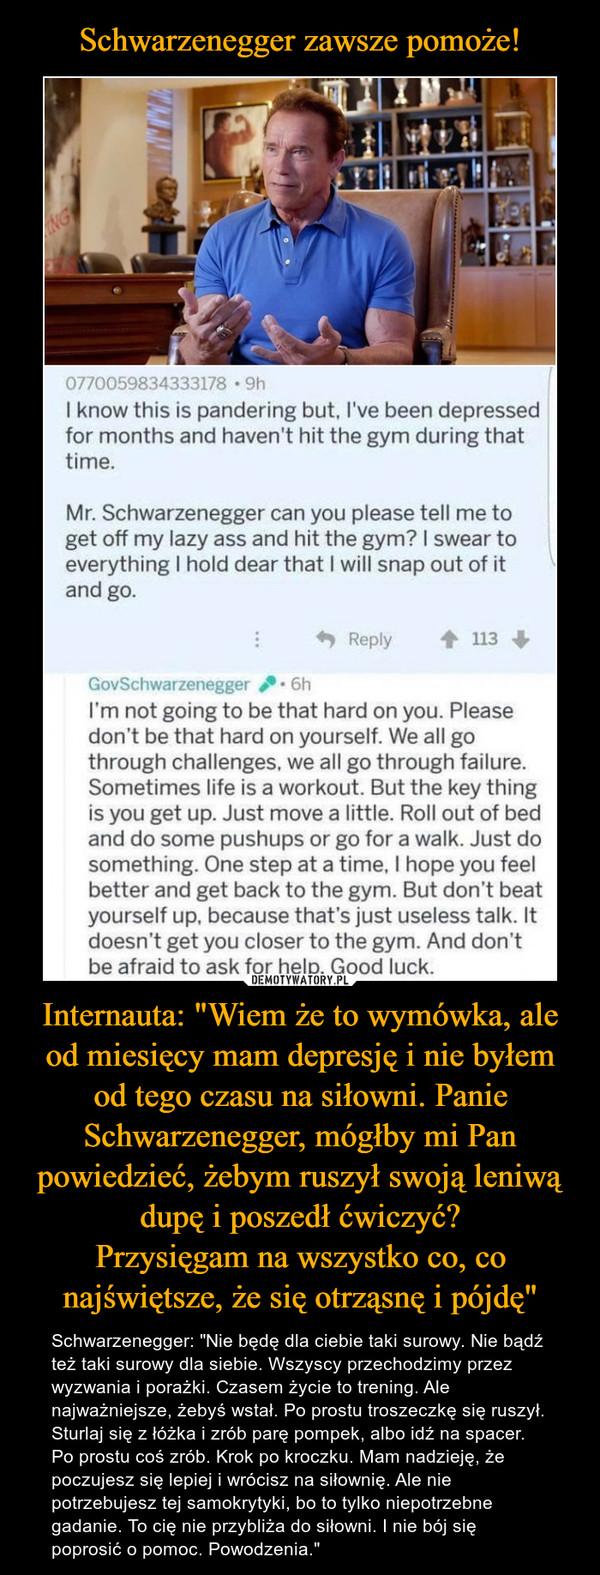 """Internauta: """"Wiem że to wymówka, ale od miesięcy mam depresję i nie byłem od tego czasu na siłowni. Panie Schwarzenegger, mógłby mi Pan powiedzieć, żebym ruszył swoją leniwą dupę i poszedł ćwiczyć?Przysięgam na wszystko co, co najświętsze, że się otrząsnę i pójdę"""" – Schwarzenegger: """"Nie będę dla ciebie taki surowy. Nie bądź też taki surowy dla siebie. Wszyscy przechodzimy przez wyzwania i porażki. Czasem życie to trening. Ale najważniejsze, żebyś wstał. Po prostu troszeczkę się ruszył. Sturlaj się z łóżka i zrób parę pompek, albo idź na spacer. Po prostu coś zrób. Krok po kroczku. Mam nadzieję, że poczujesz się lepiej i wrócisz na siłownię. Ale nie potrzebujesz tej samokrytyki, bo to tylko niepotrzebne gadanie. To cię nie przybliża do siłowni. I nie bój się poprosić o pomoc. Powodzenia."""" NG0770059834333178 • 9hI know this is pandering but, l've been depressedfor months and haven't hit the gym during thattime.Mr. Schwarzenegger can you please tell me toget off my lazy ass and hit the gym? I swear toeverything I hold dear that I will snap out of itand go.Reply113GovSchwarzenegger6hI'm not going to be that hard on you. Pleasedon't be that hard on yourself. We all gothrough challenges, we all go through failure.Sometimes life is a workout. But the key thingis you get up. Just move a little. Roll out of bedand do some pushups or go for a walk. Just dosomething. One step at a time, I hope you feelbetter and get back to the gym. But don't beatyourself up, because that's just useless talk. Itdoesn't get you closer to the gym. And don'tbe afraid to ask for help. Good luck."""